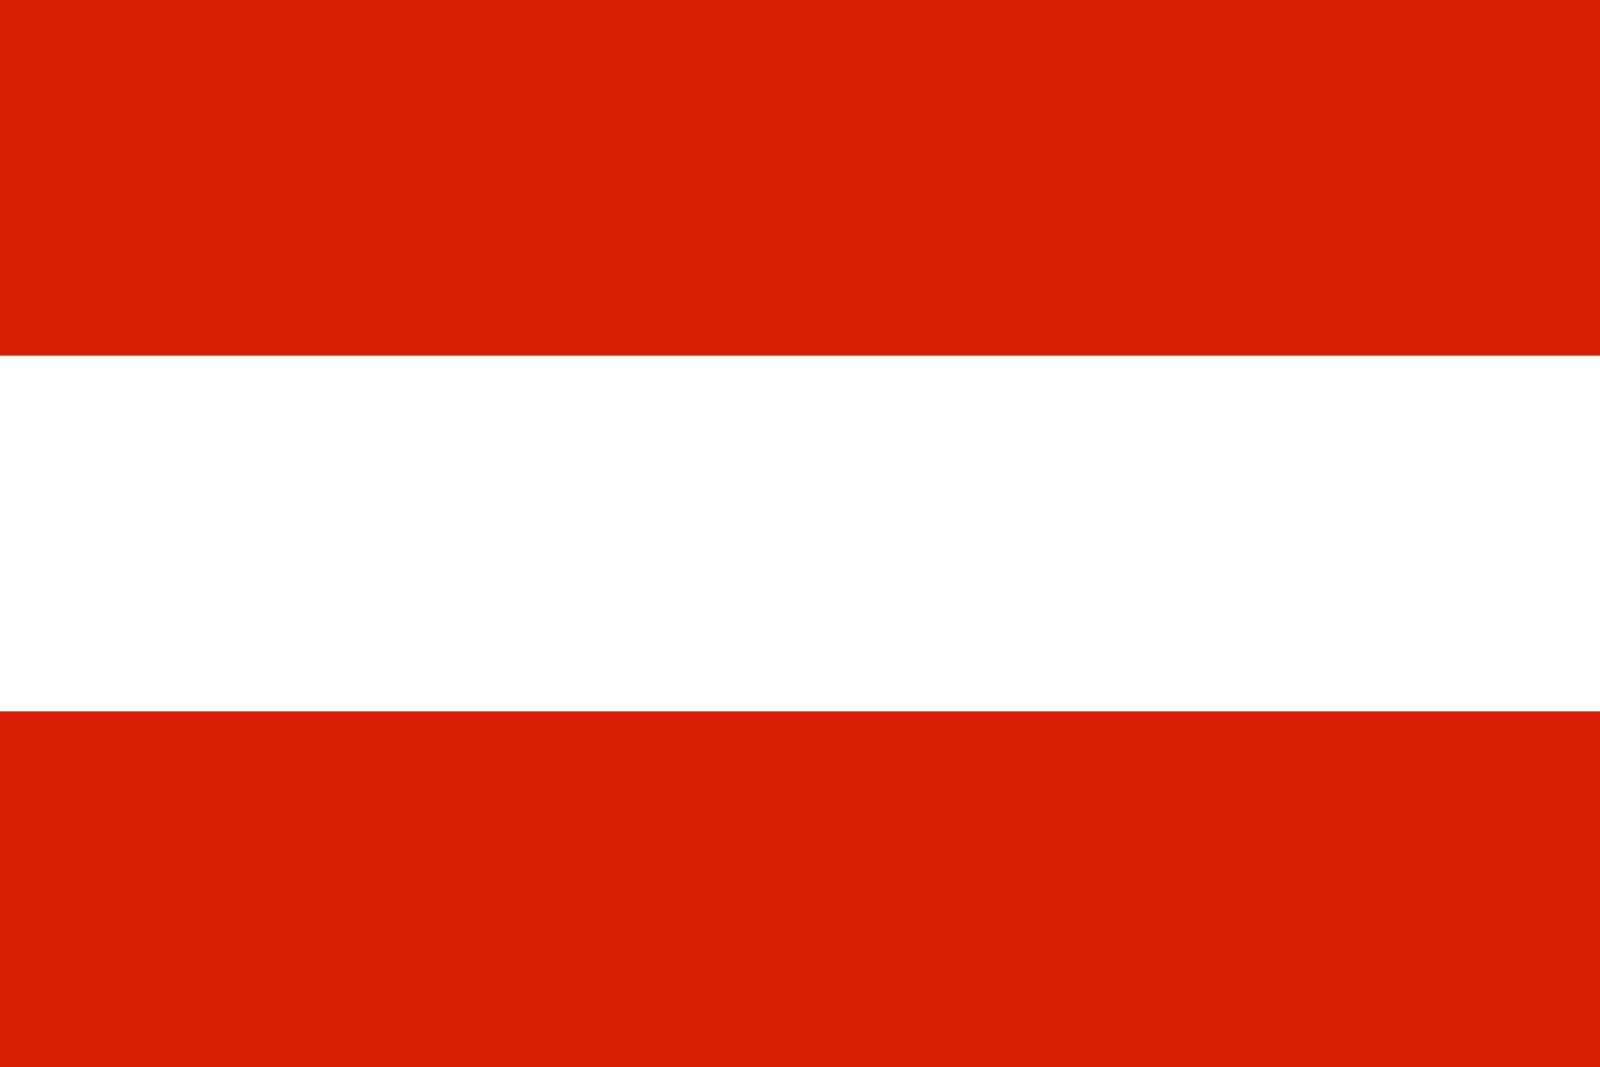 Austria flags - photo#50